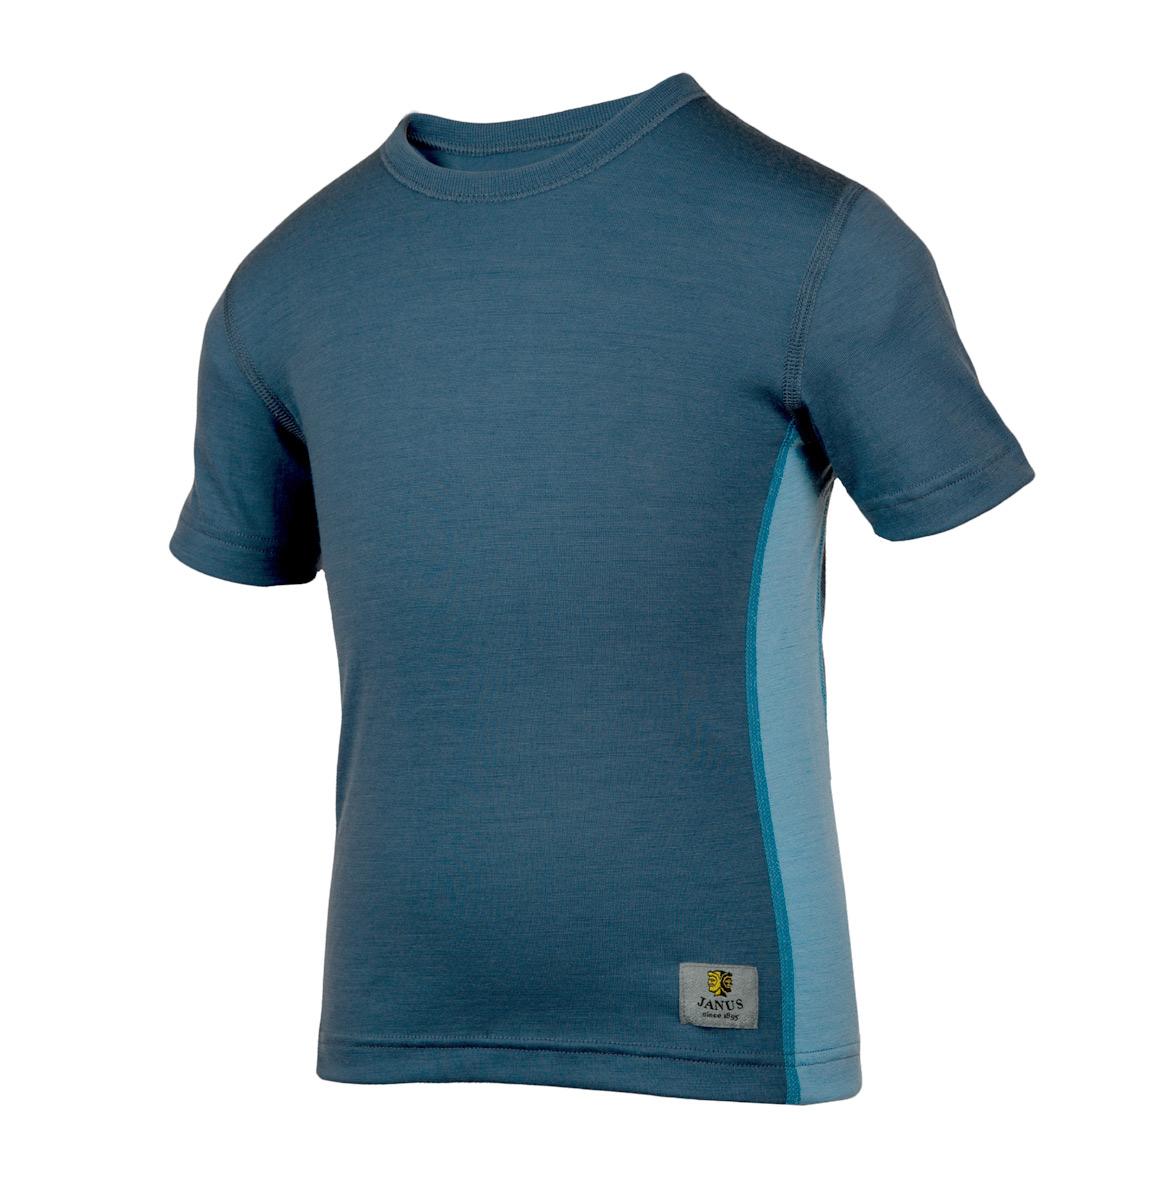 Janus lightWool t-shirt 100% merinoull blå